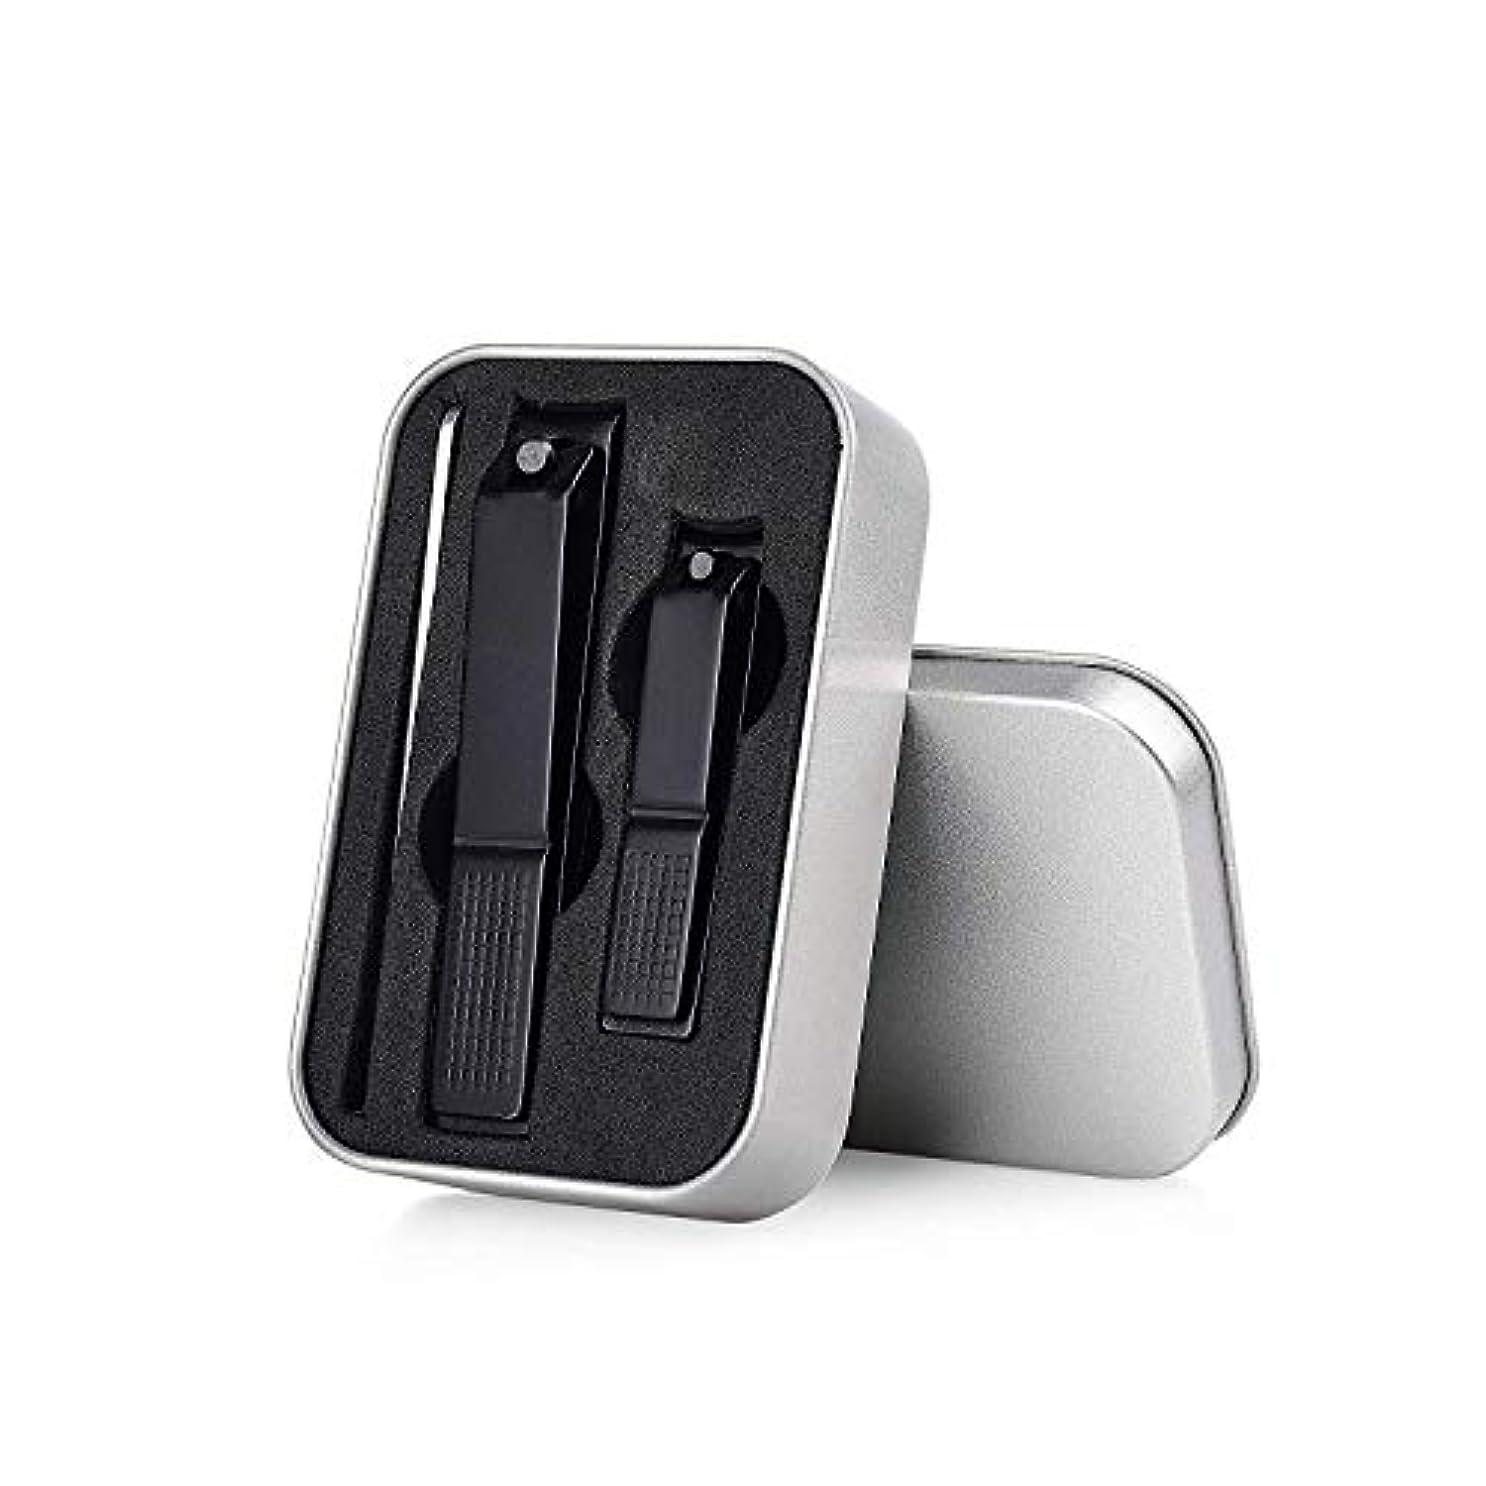 マオリ奇跡的な暗殺爪&爪+爪やすり(クリーナー)用3ピースネイルクリッパーキット(トラベルケース付き)-シャープネイルカッターセット、満足度100%返金保証